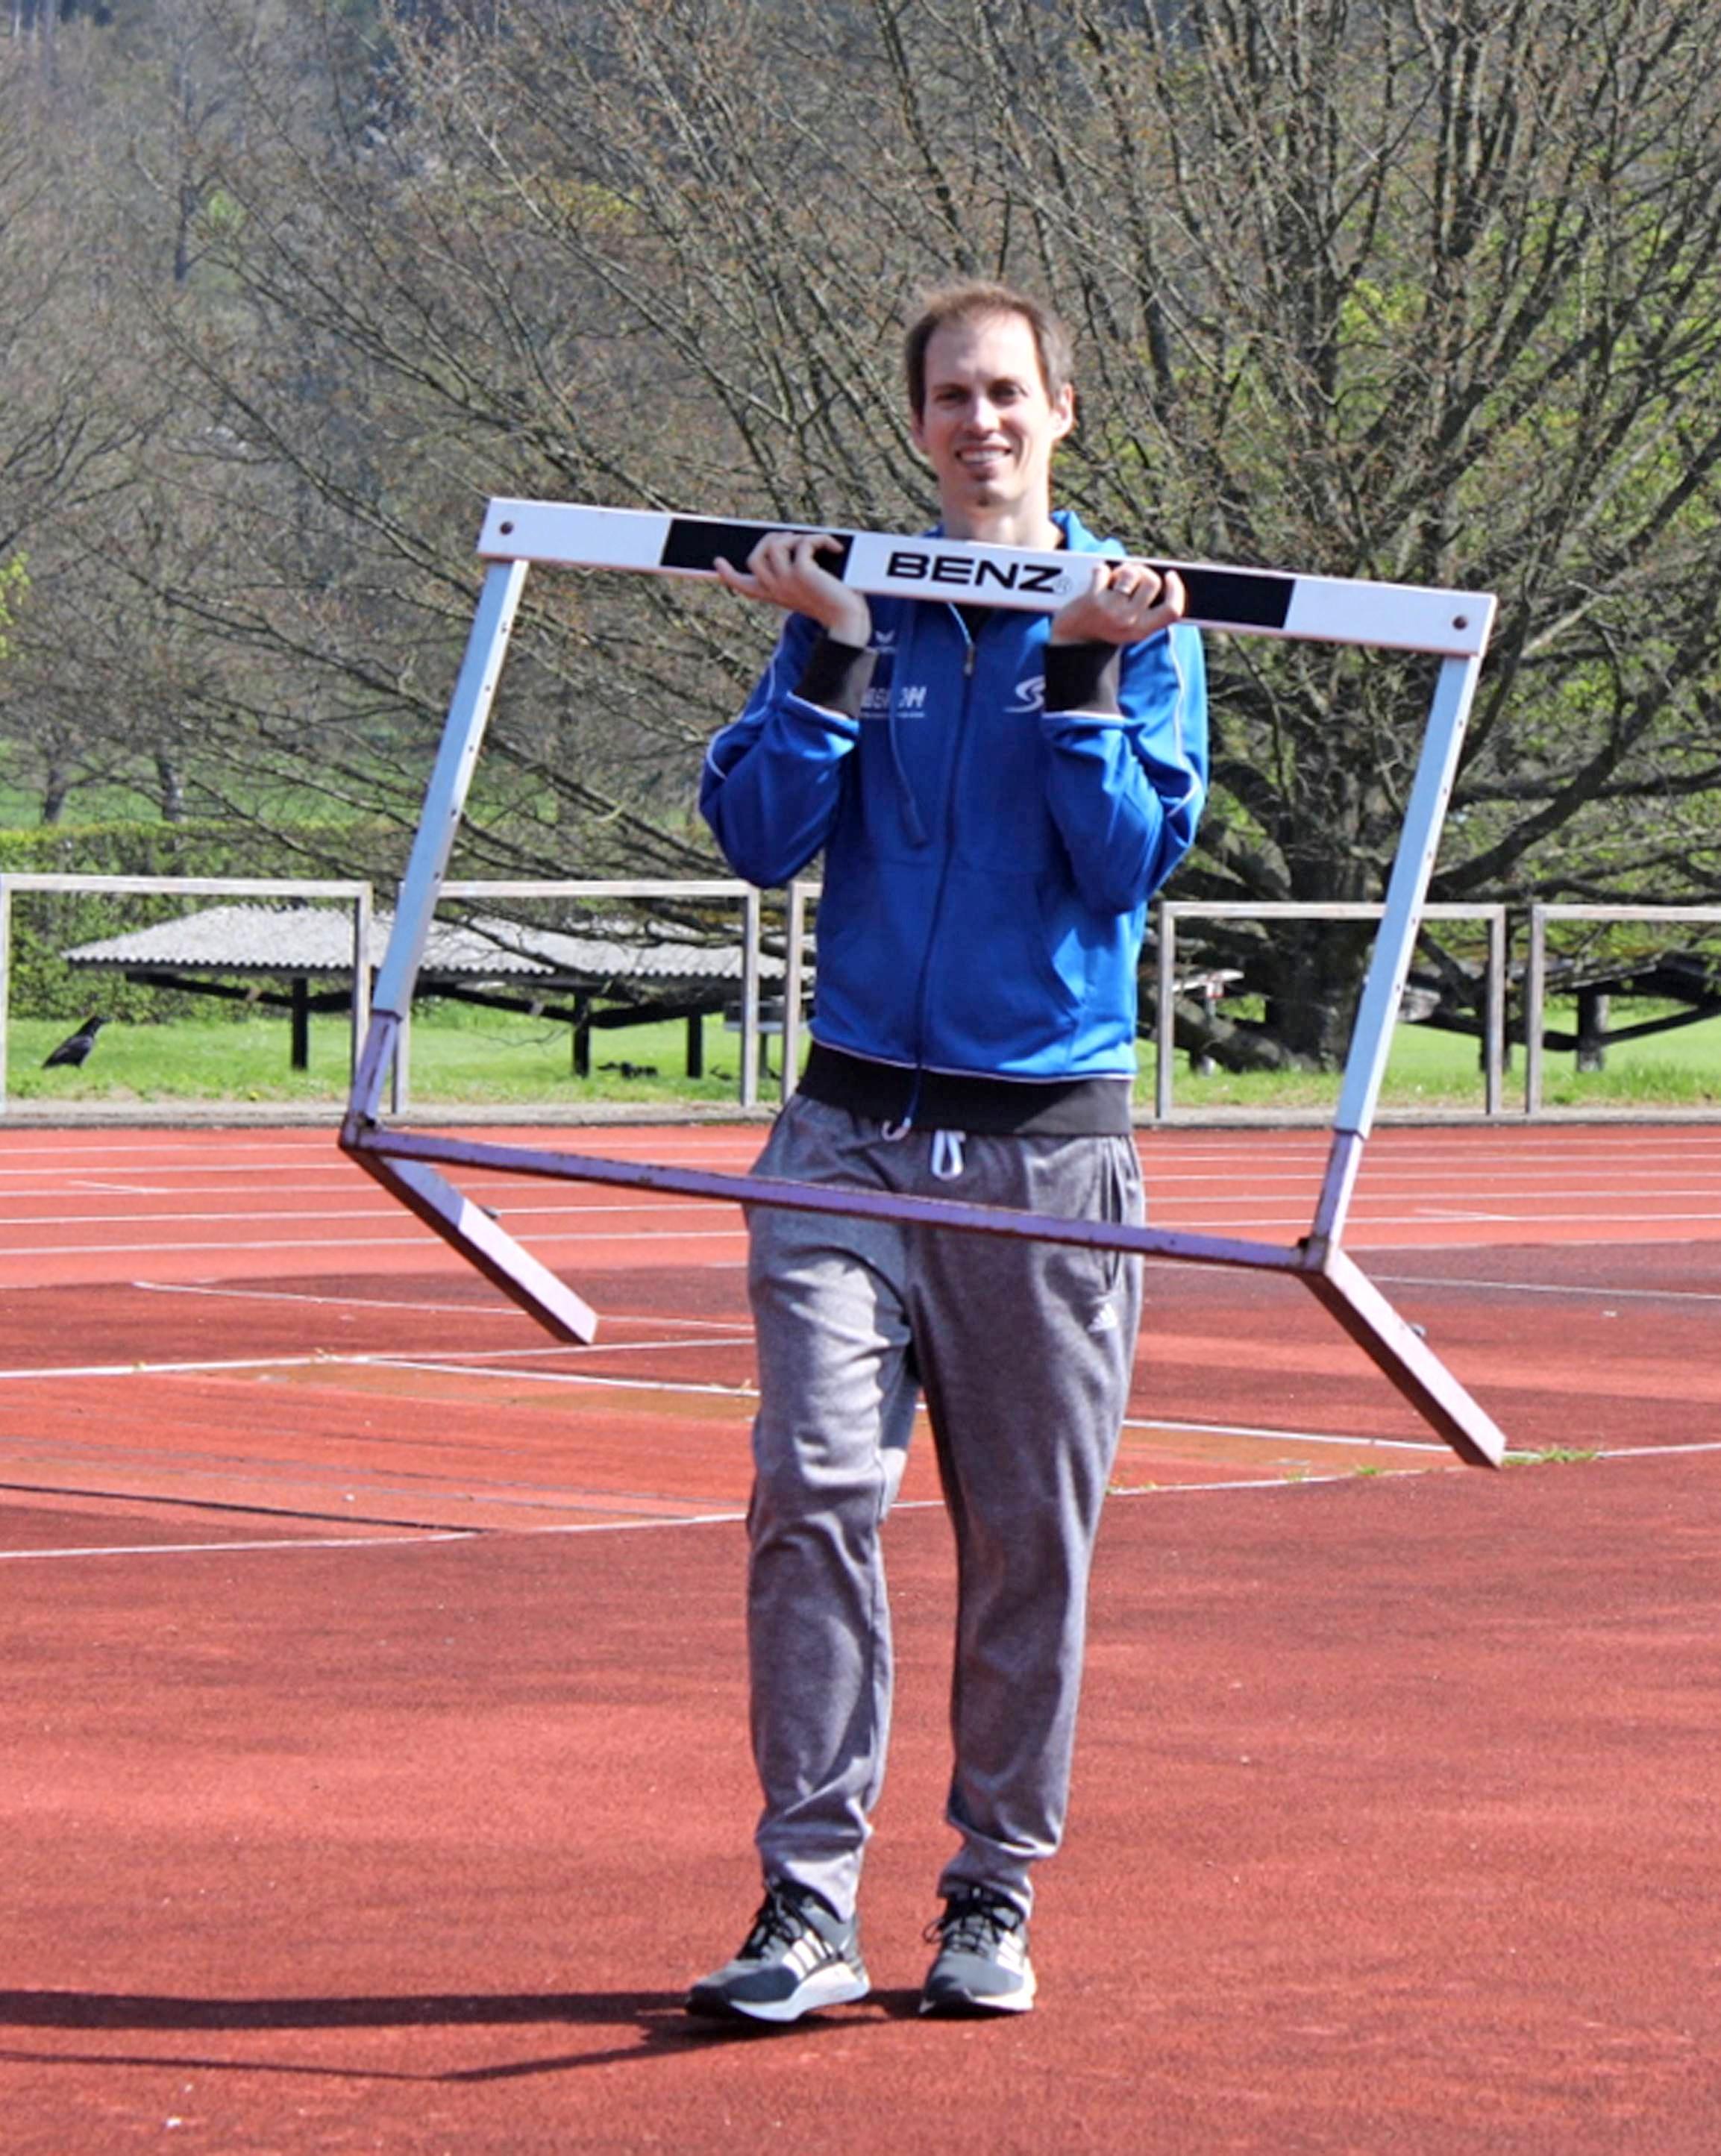 Es geht los: Auf den Sportplätzen der Stadt Neckarsulm kann auch das Leichtathletik-Training unter strengen Auflagen wieder beginnen. Foto: Archiv/Leitz